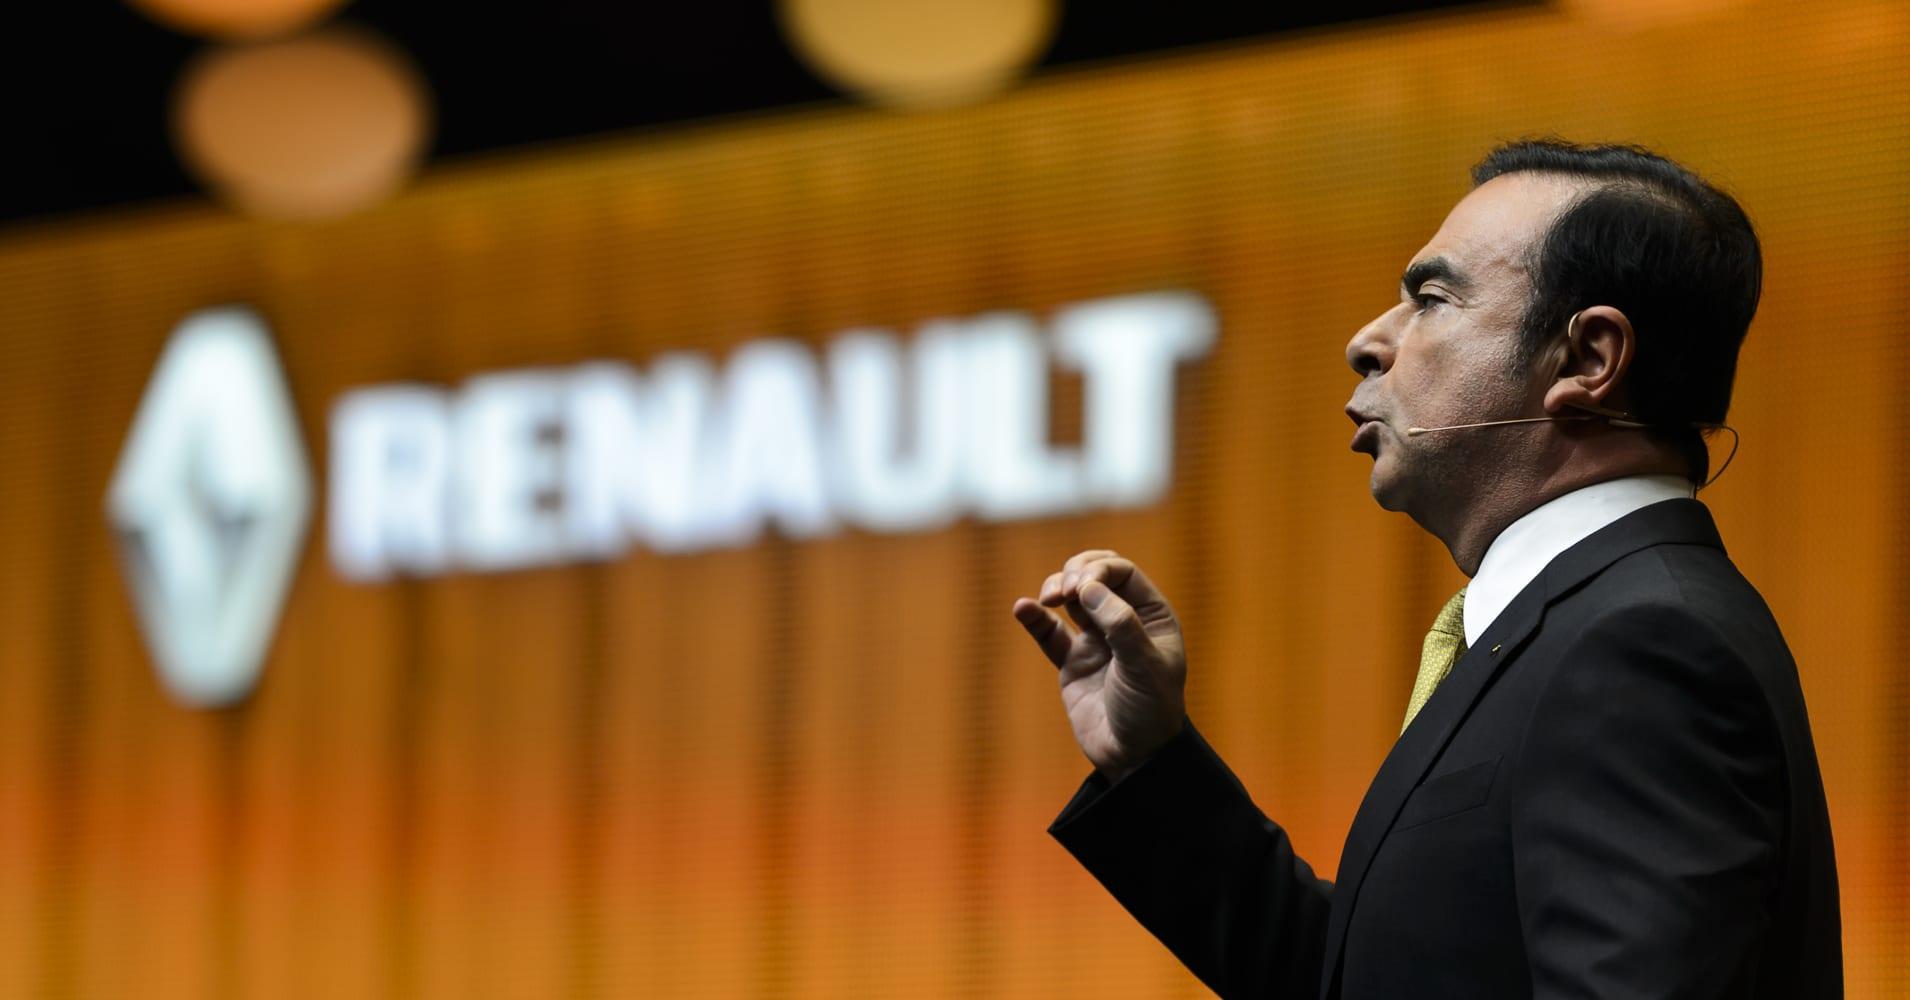 Renault to alert prosecutors over ex-CEO Ghosn's wedding costs